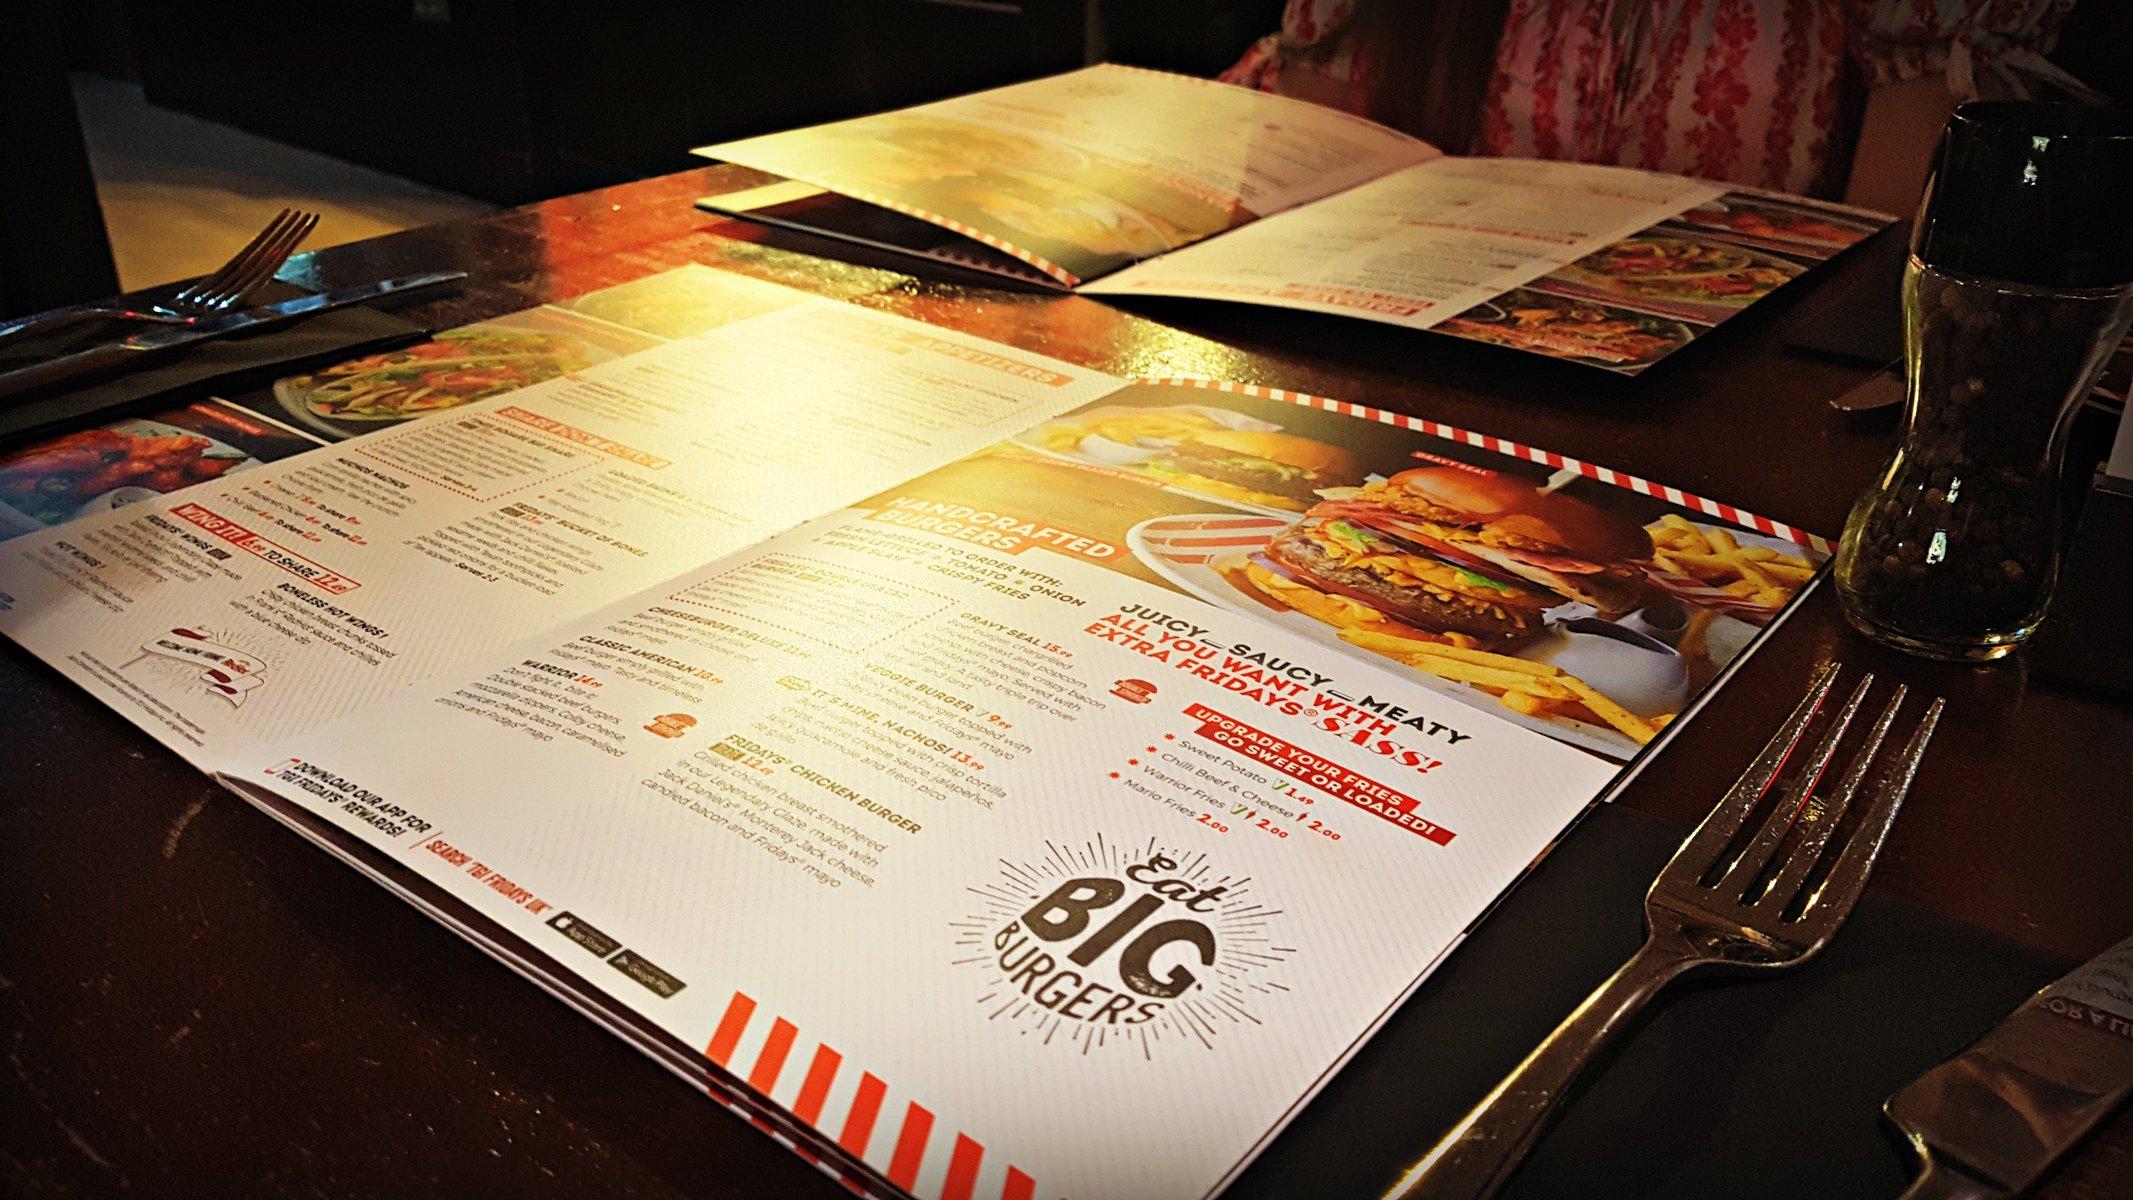 open tgi fridays menu on a table